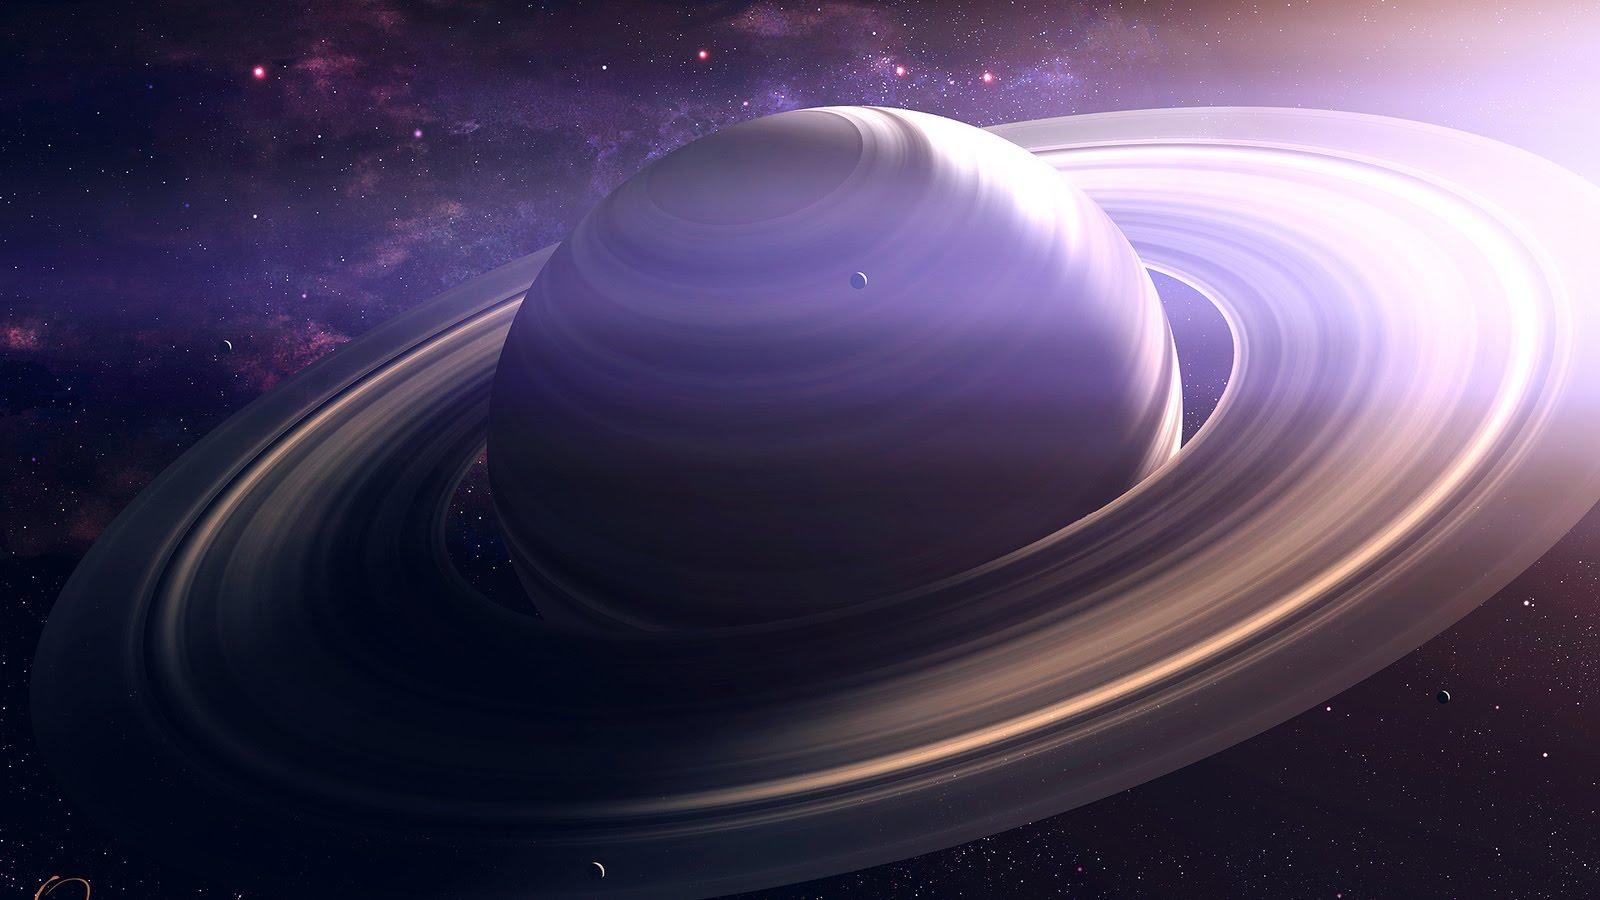 кольца сатурна фото из космоса музыкальные эксперименты